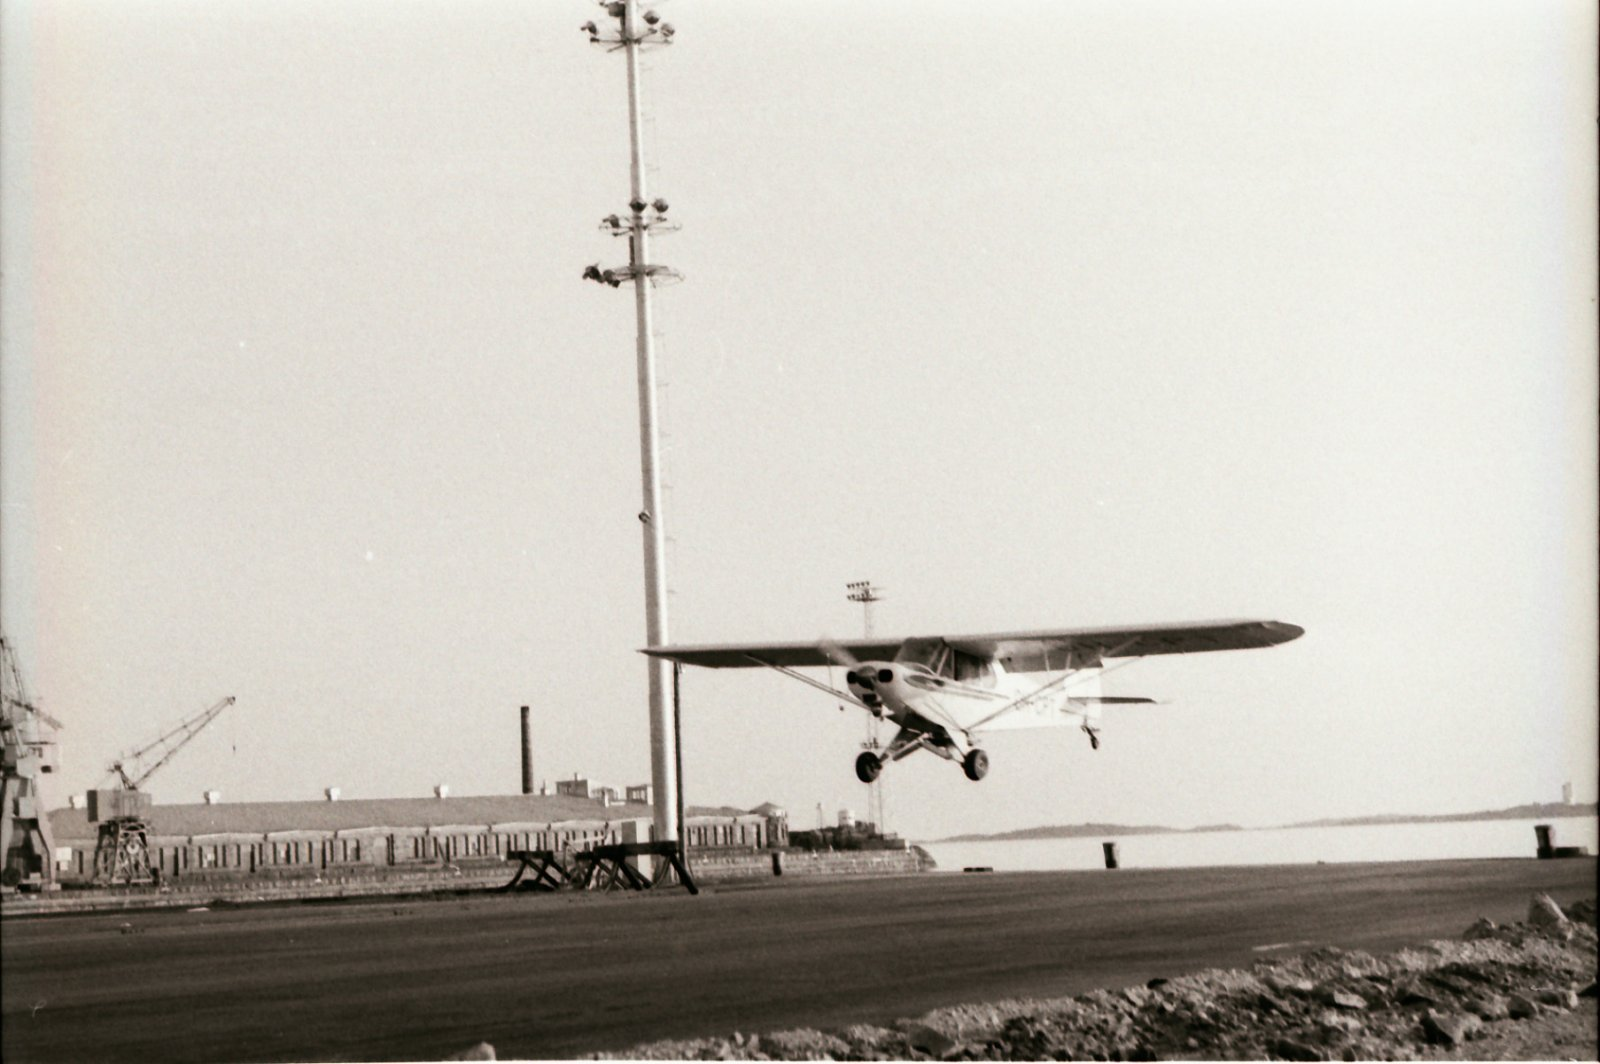 Piper PA-18-135 Super Cub OH-CPT Hanko 1960s